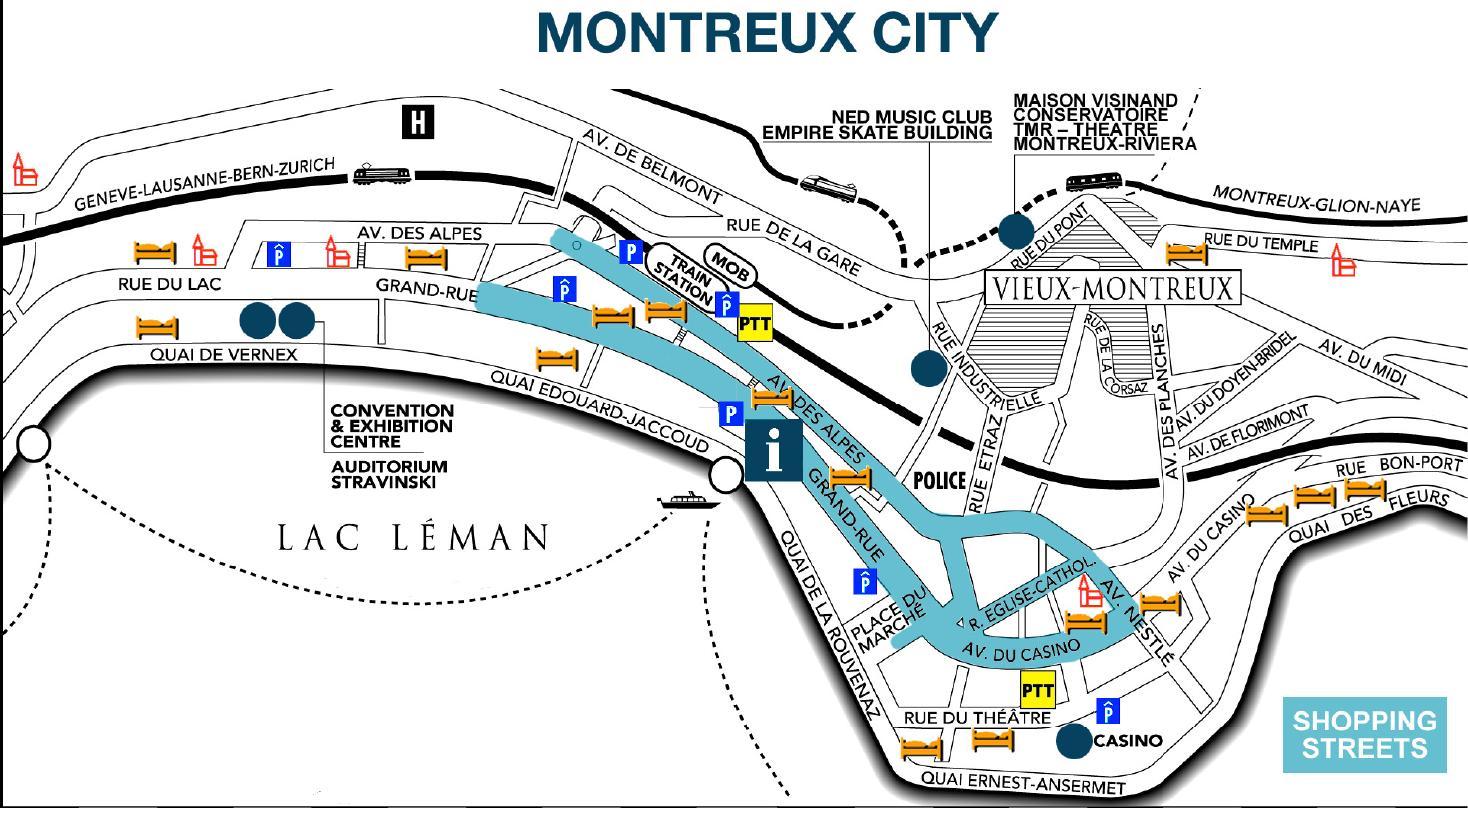 初めてのスイス旅行(127)モントルーの街並み : elle と riki の旅行情報